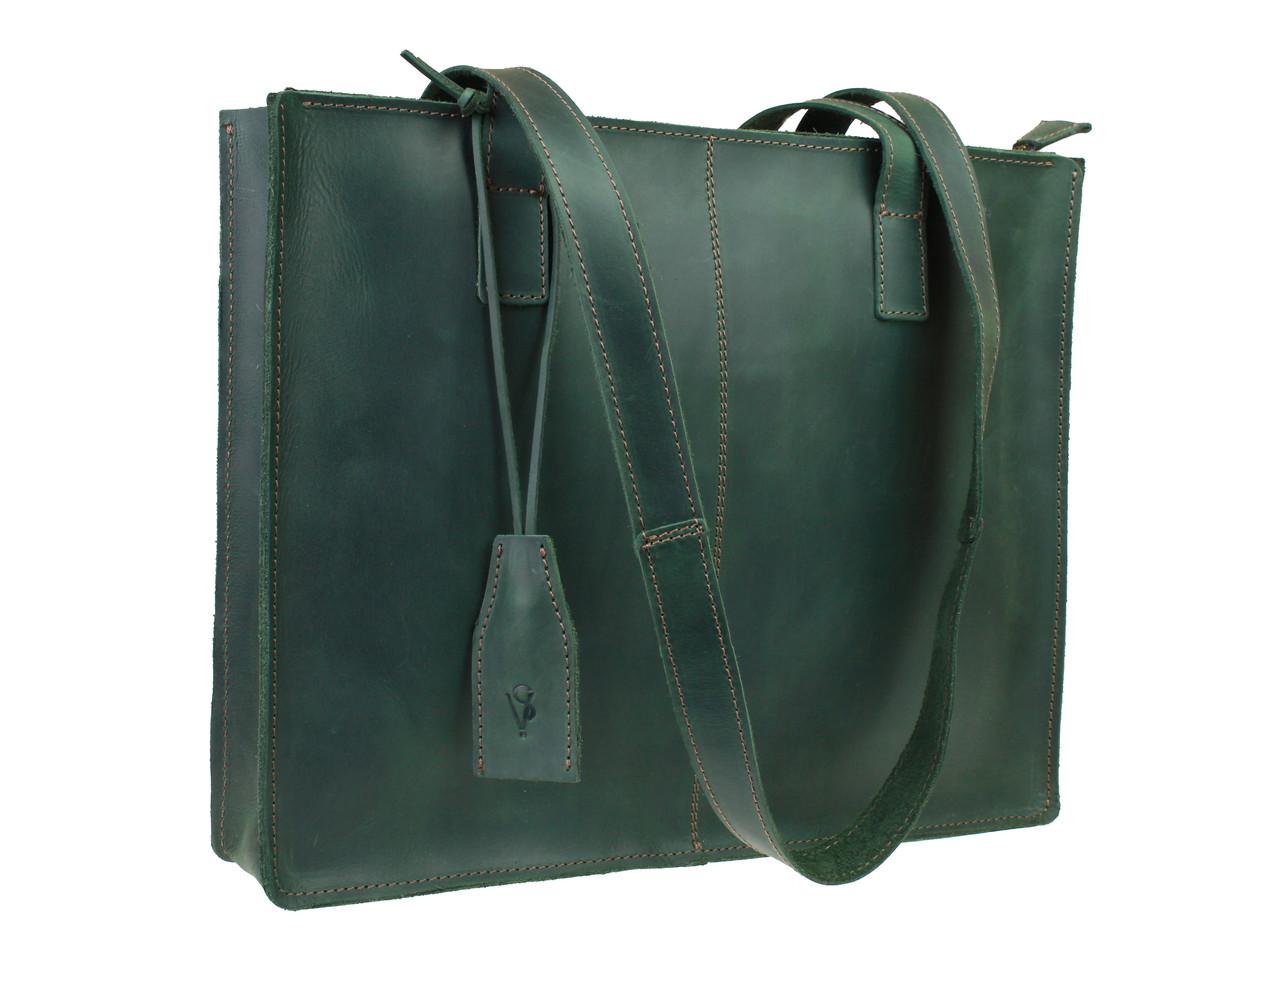 Сумка женская кожаная  большая шопер SULLIVAN sg51(40) зеленая